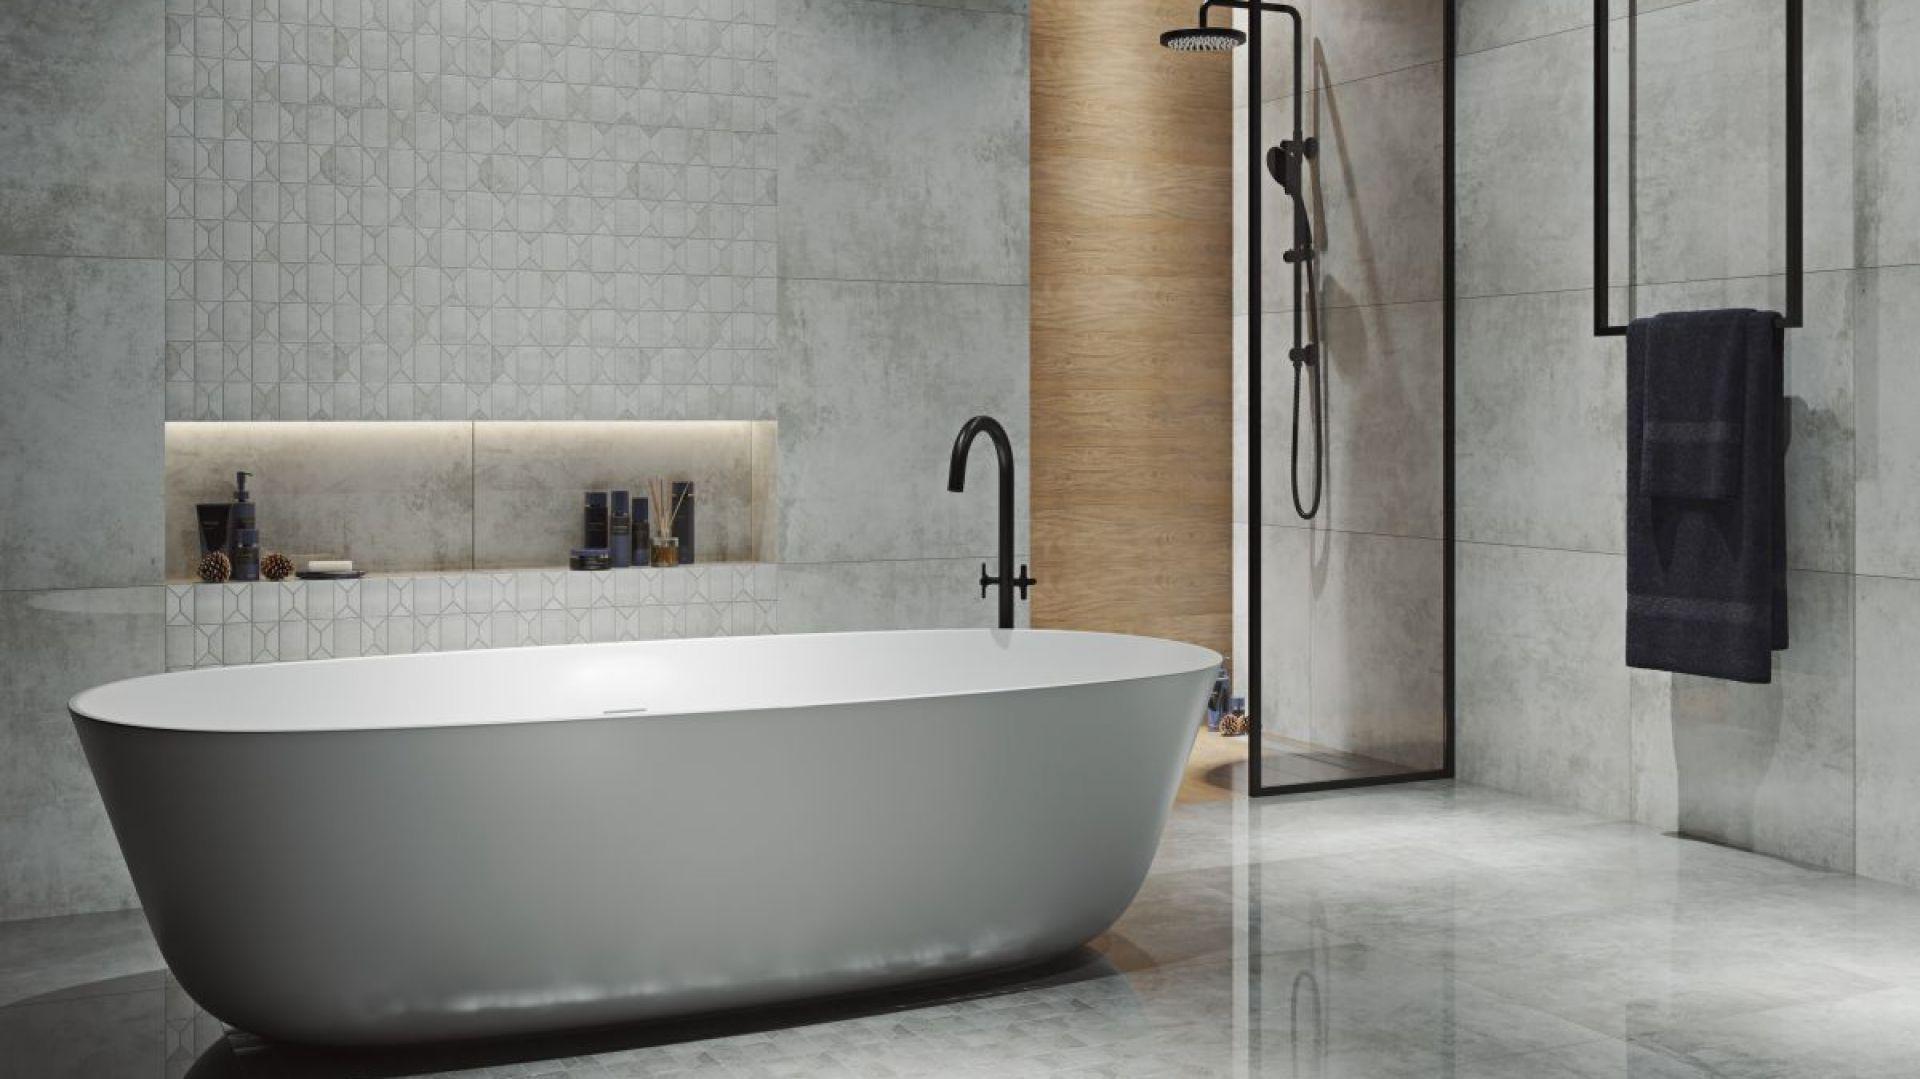 Pomysł na aranżację łazienki w stylu loft. Na zdjęciu mozaika Industrial marki Paradyż. Fot. Ceramika Paradyż